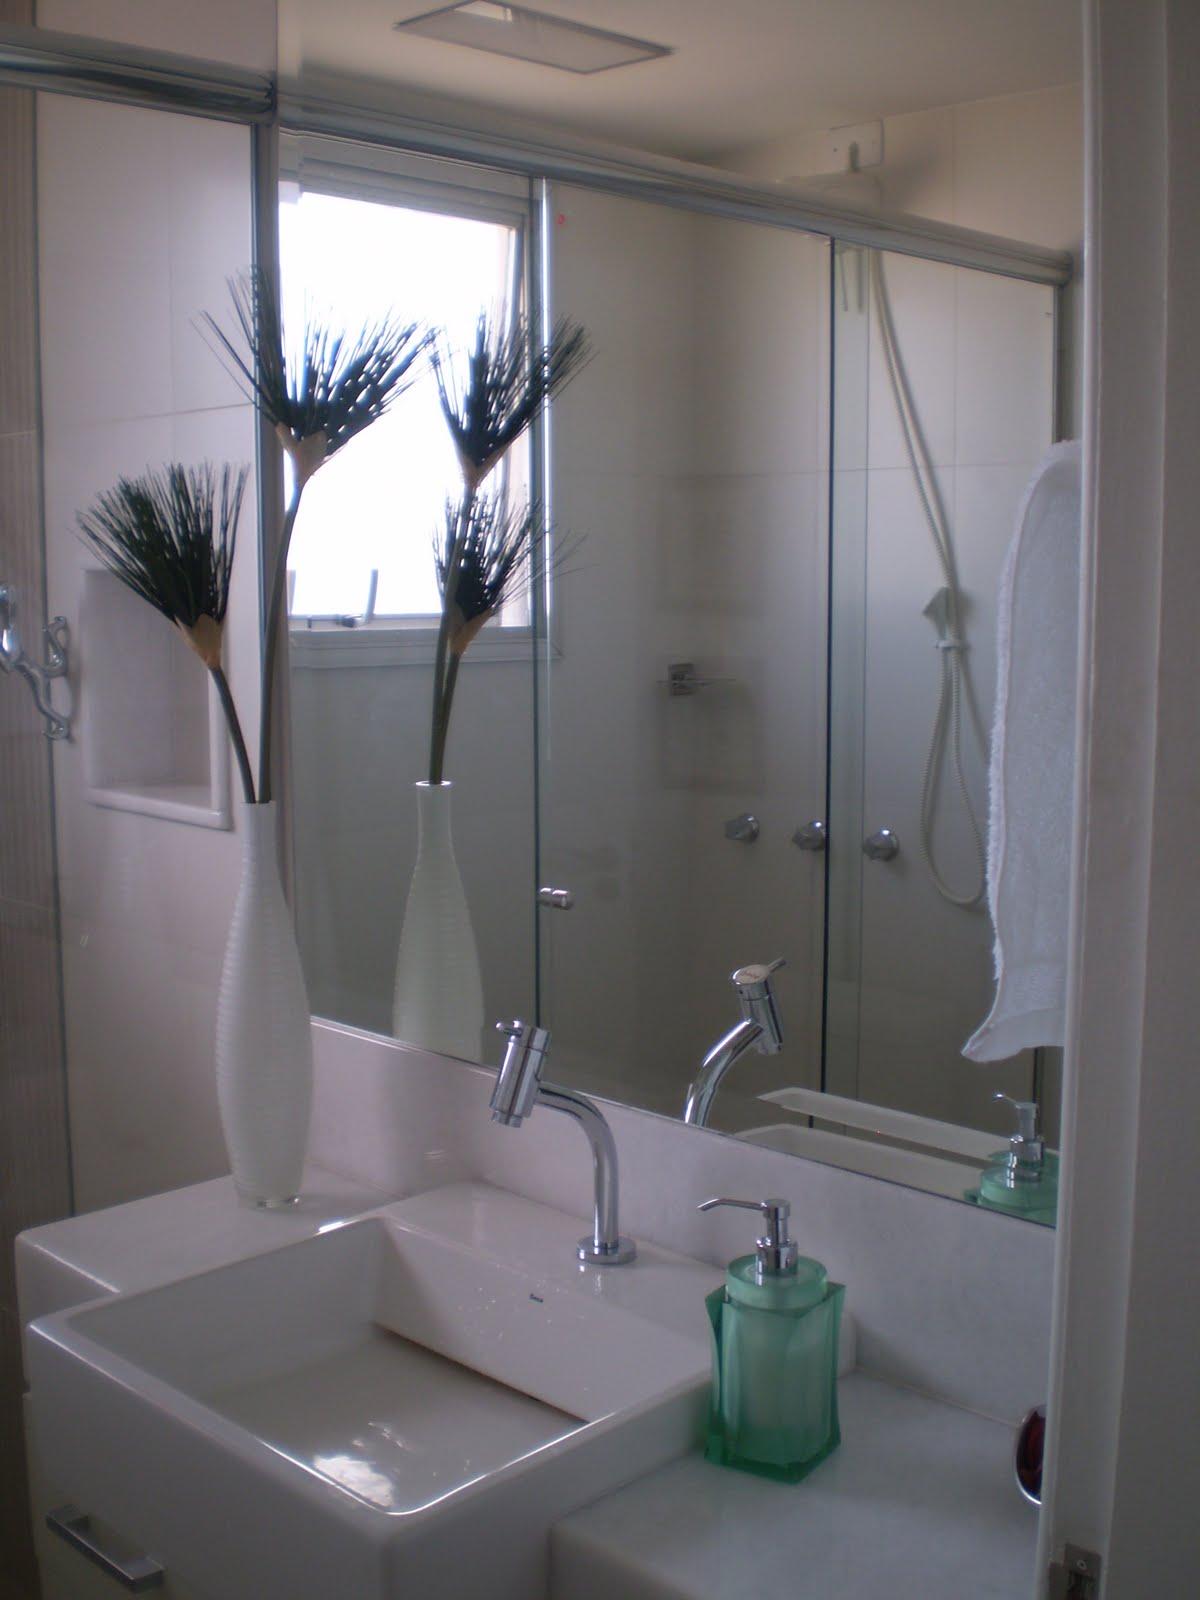 Interiores Jô Waismann: Reforma Banheiro Social Icaraí #5B5675 1200 1600